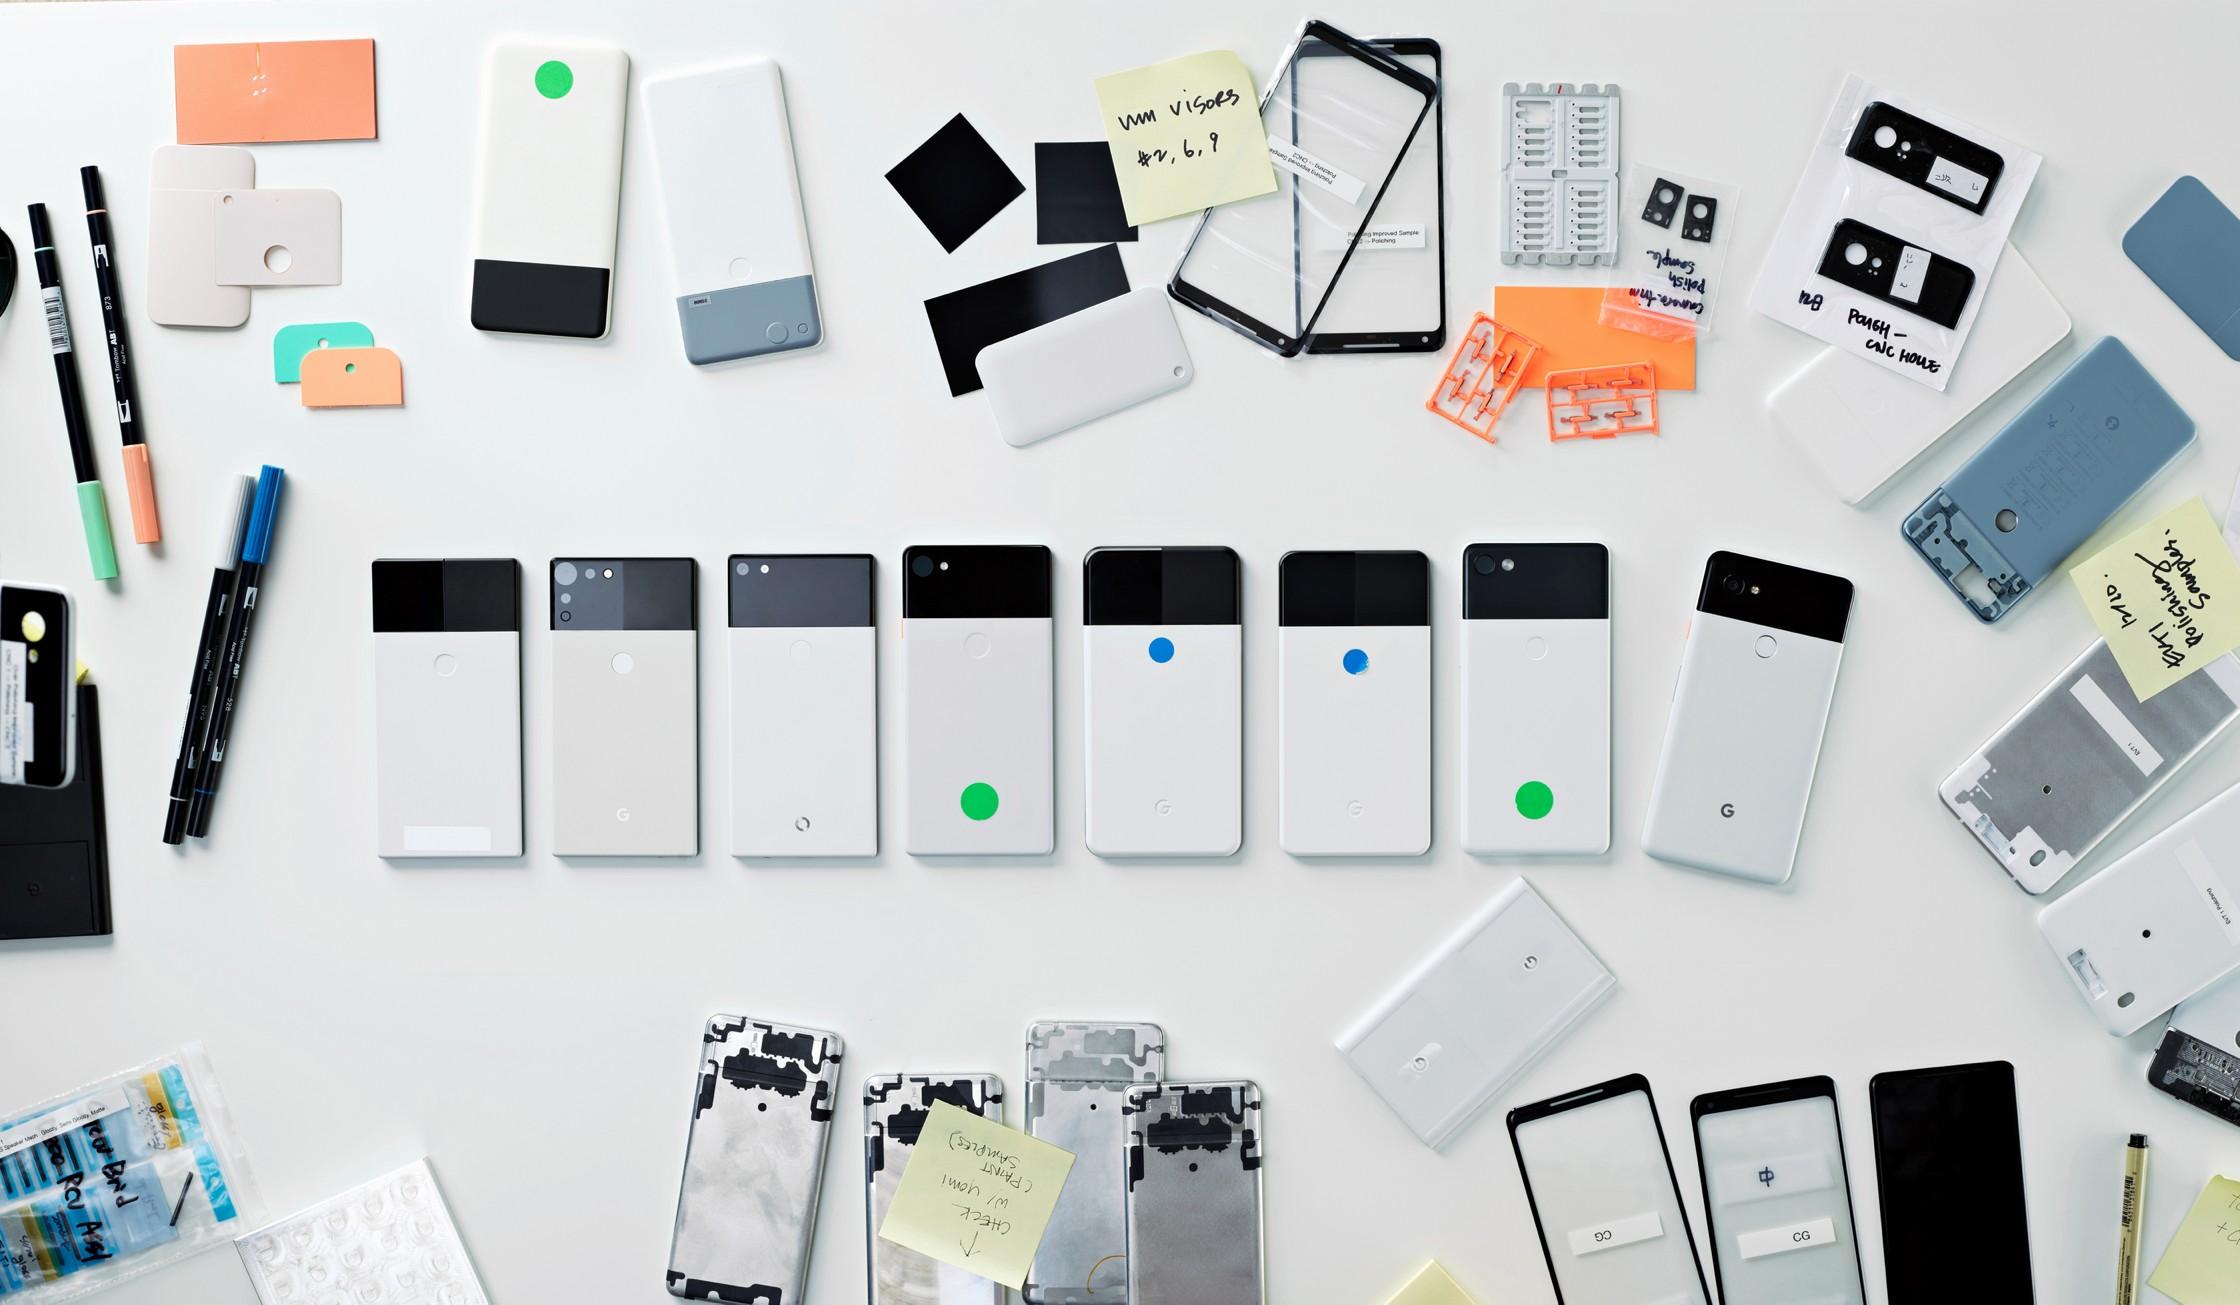 Дизайнер Google показала прототипы Pixel 2 и других устройств